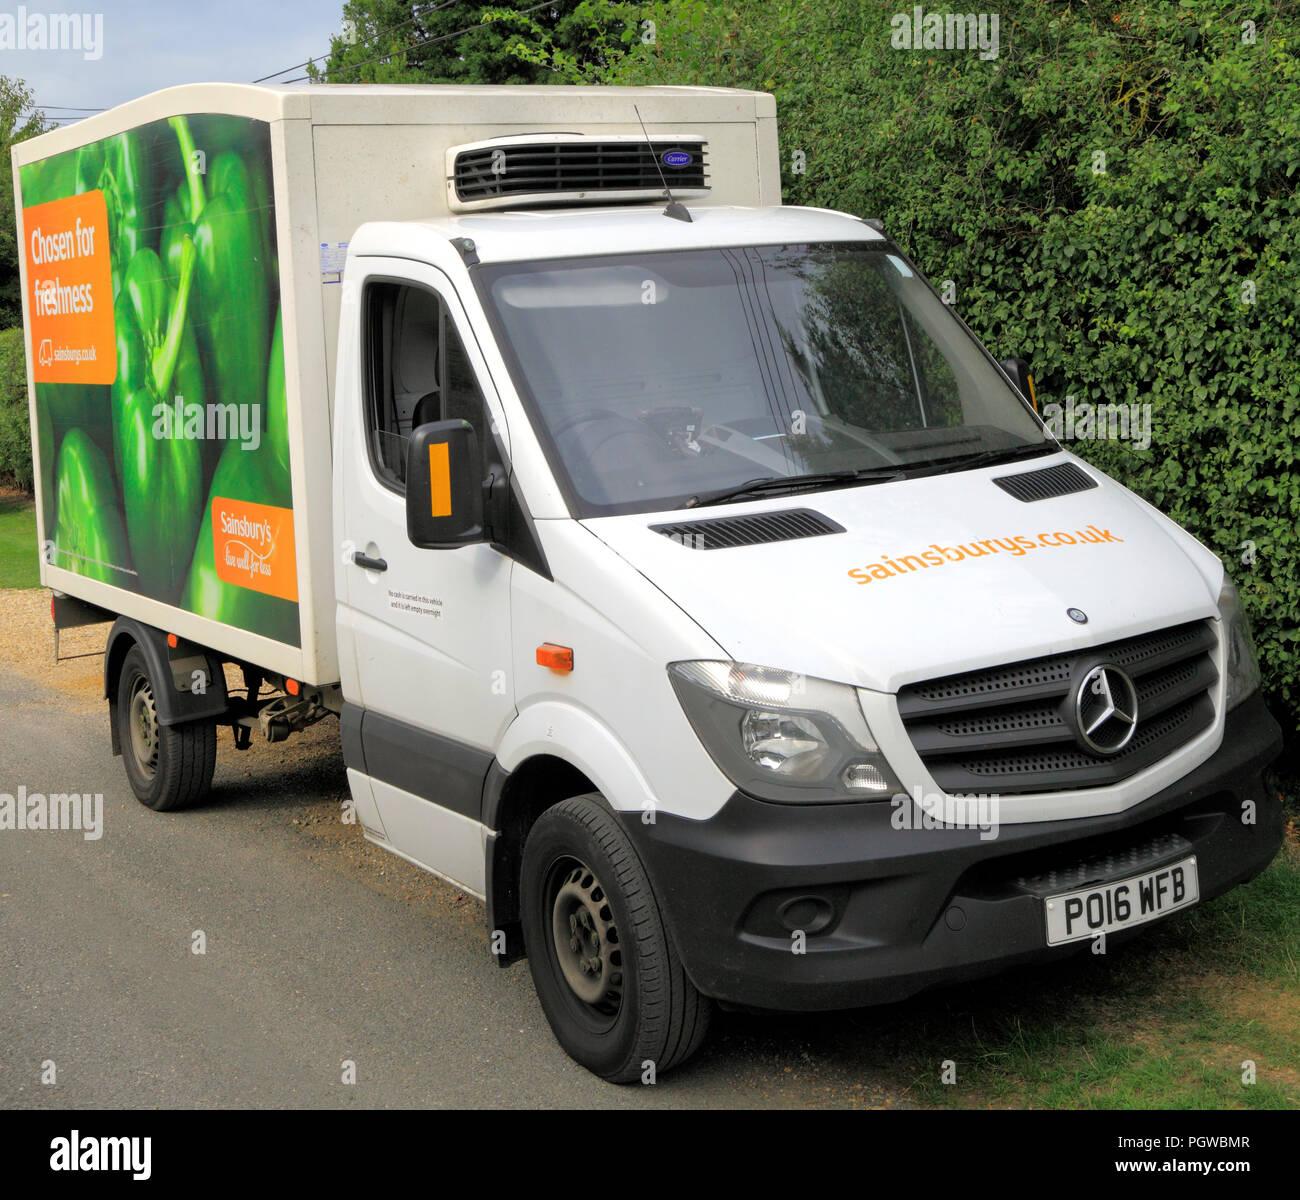 Supermercado Sainsbury's, entrega online, vehículo, furgoneta, Inglaterra, Reino Unido, Sainsburys Imagen De Stock